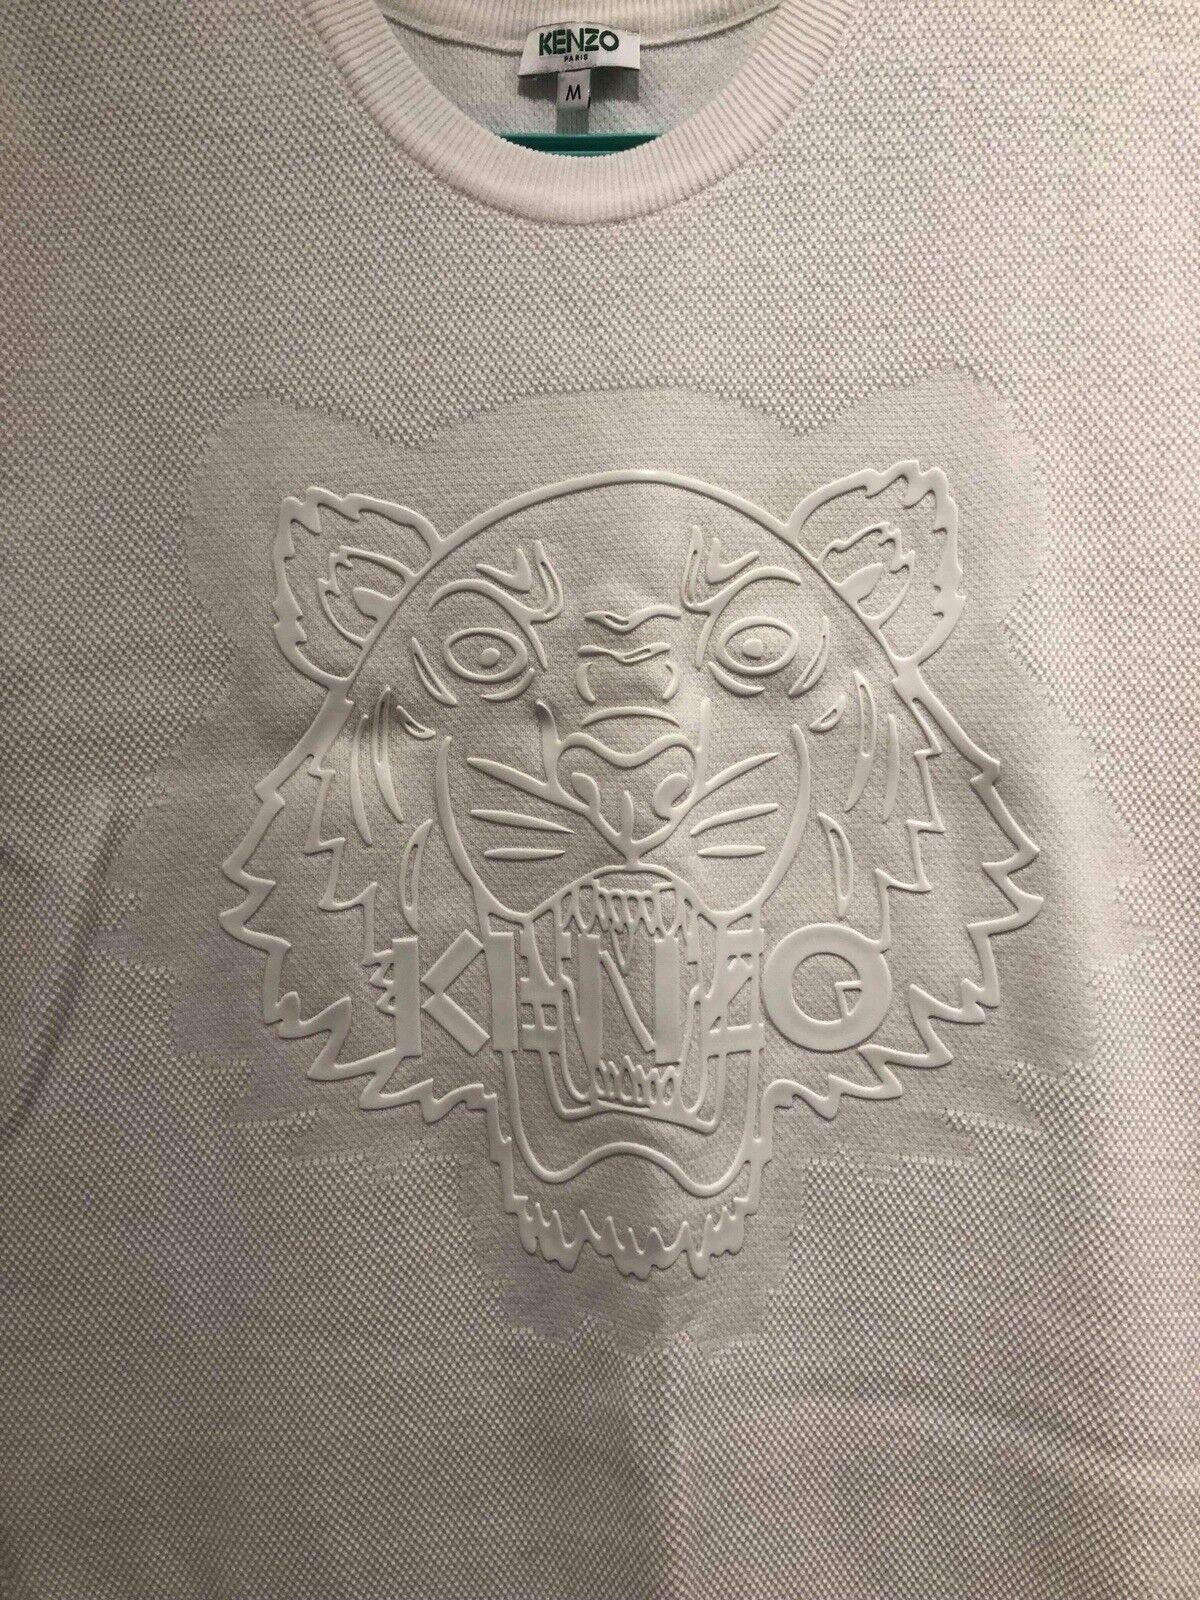 Paul Smith Chemise Homme Taille Xl Tour De Poitrine Fleurs 46 Rrp